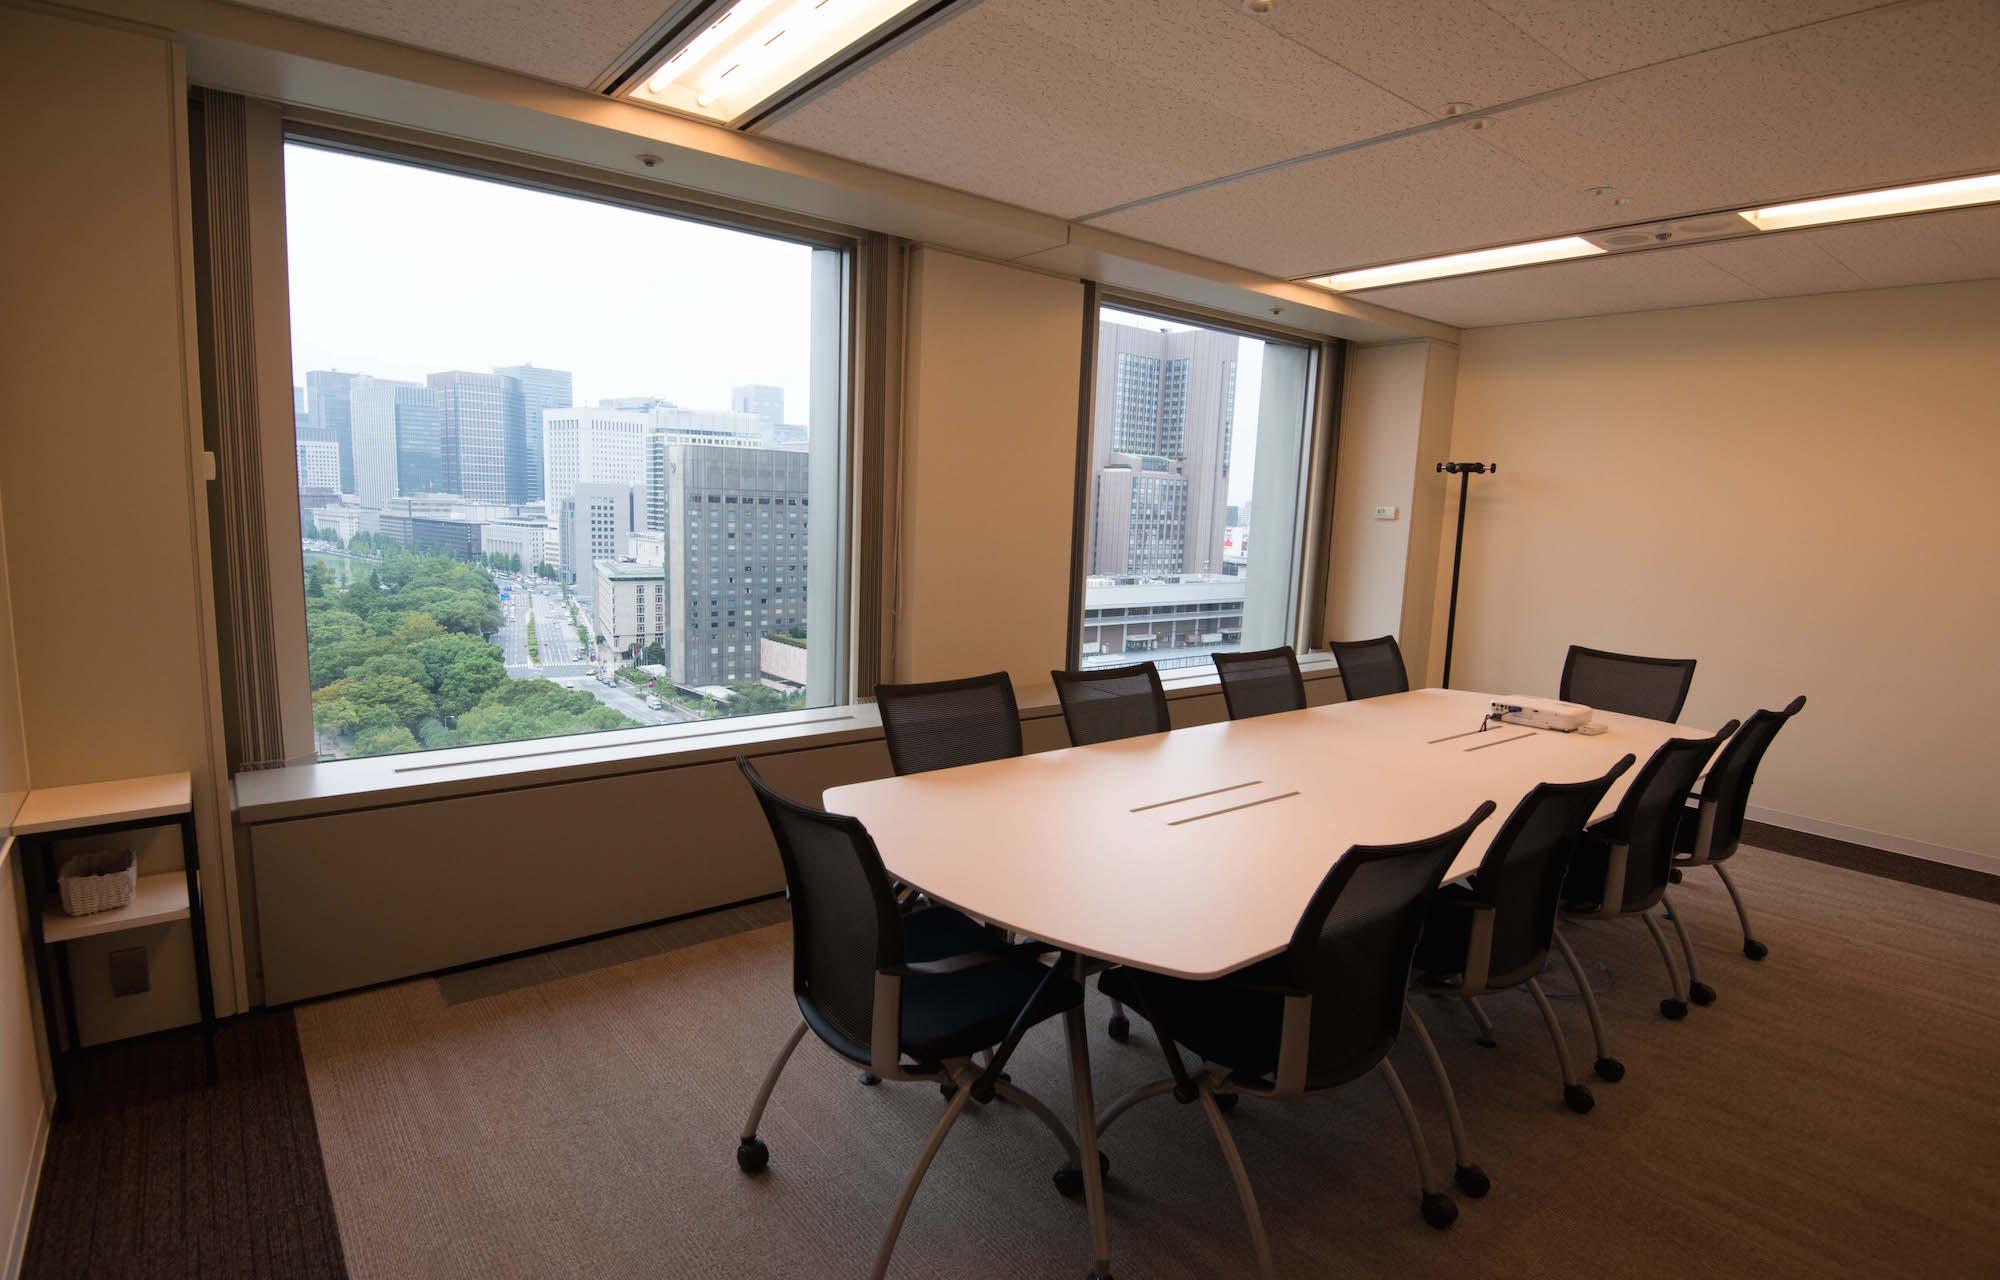 アンテロープキャリアコンサルティング Meeting Room_2 デザイン・レイアウト事例